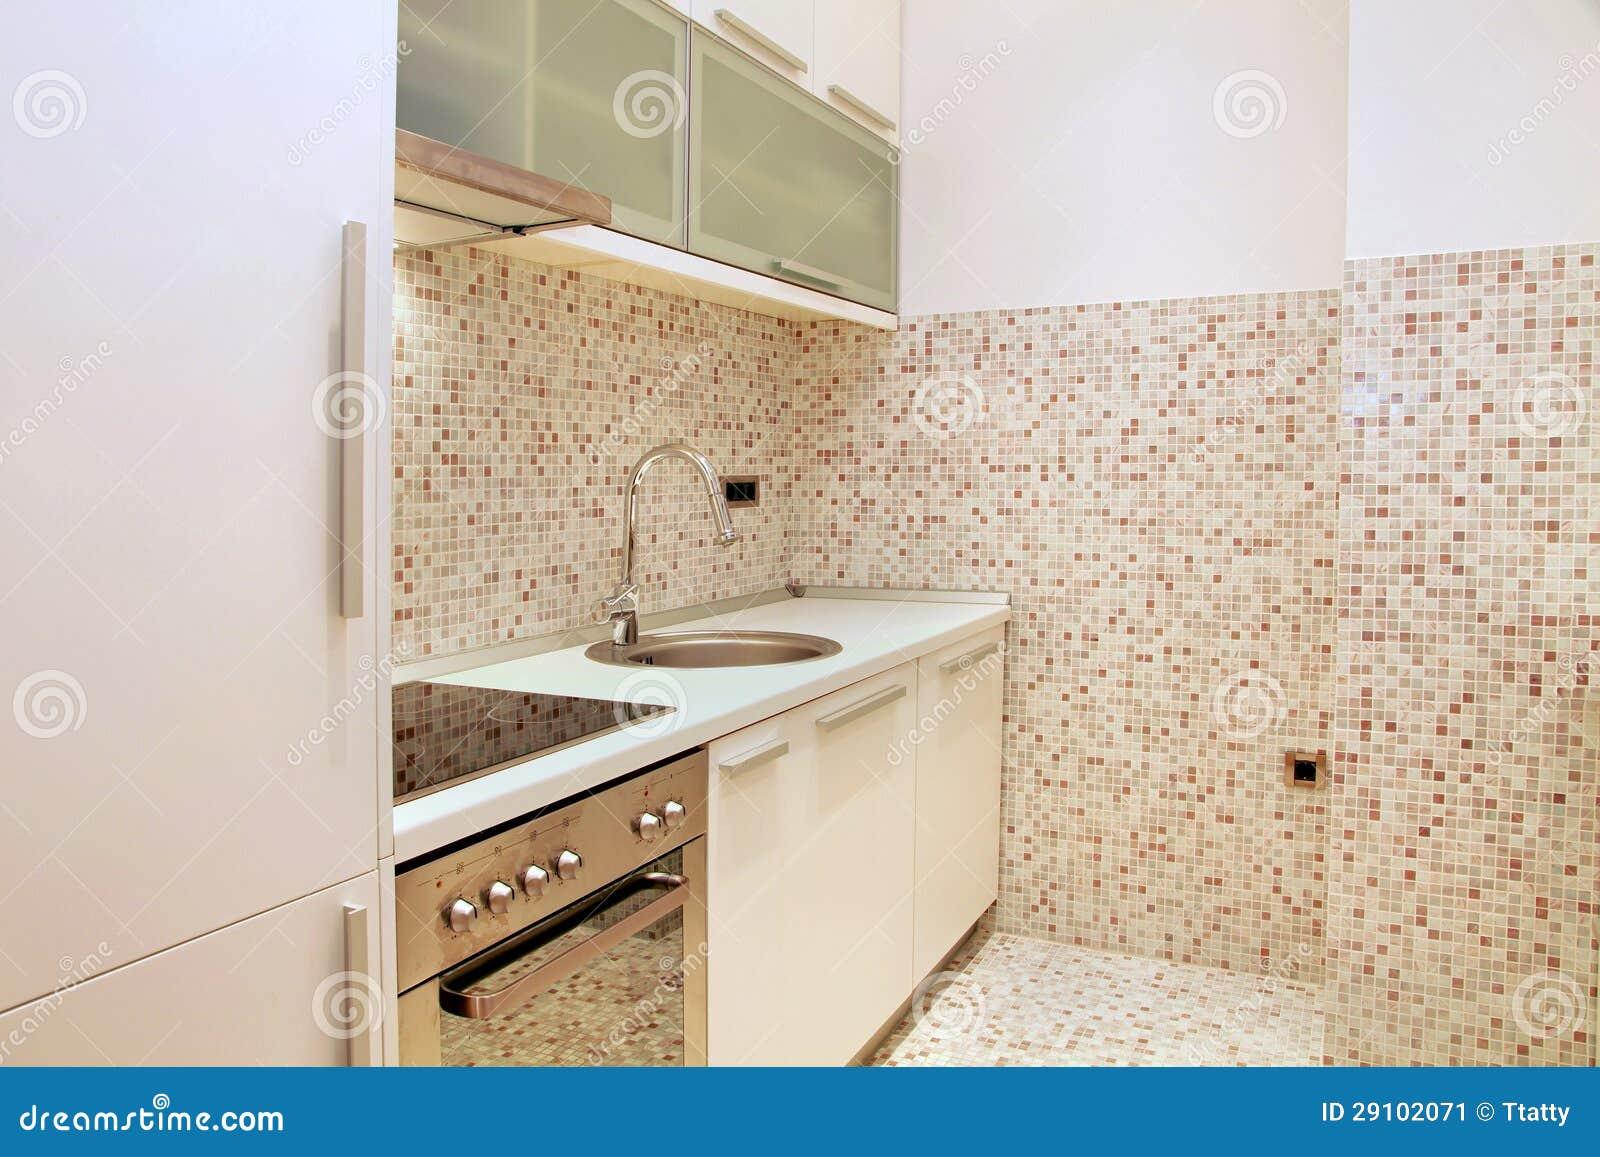 Cocina De Las Tejas De Mosaico Imagen De Archivo Imagen De Tejas Mosaico 29102071